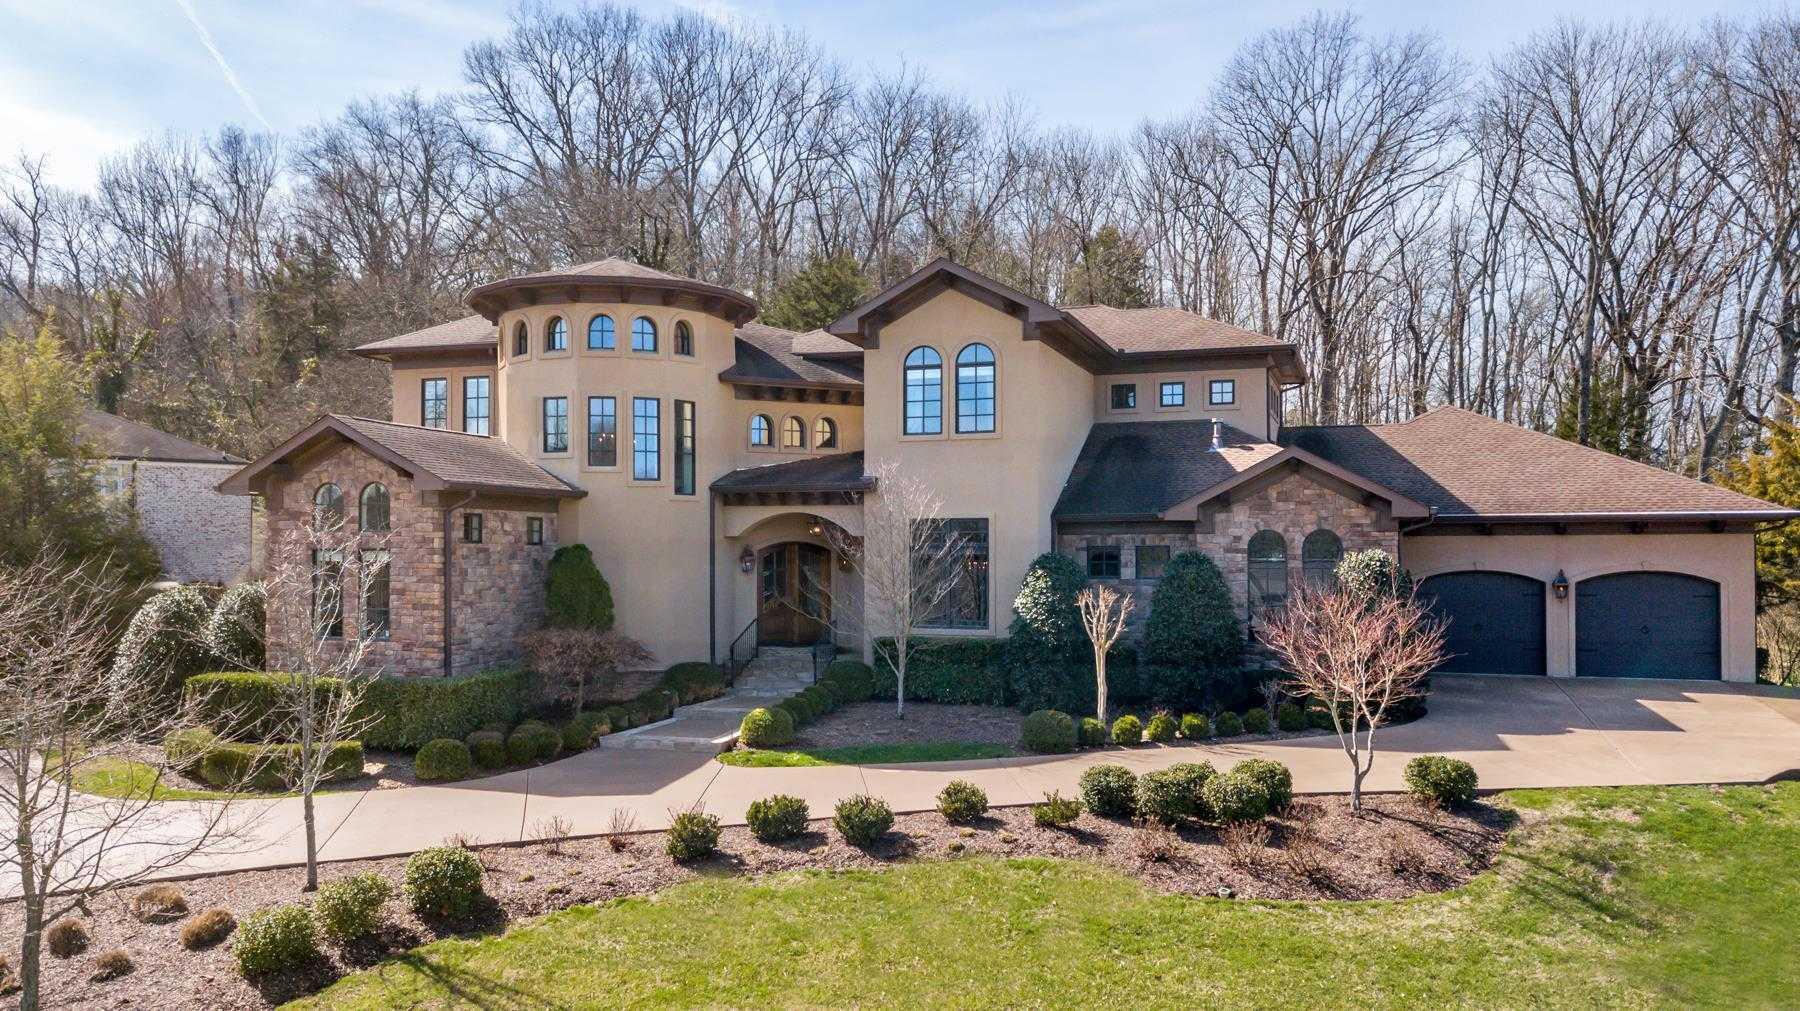 $1,795,000 - 5Br/6Ba -  for Sale in Green Hills, Nashville